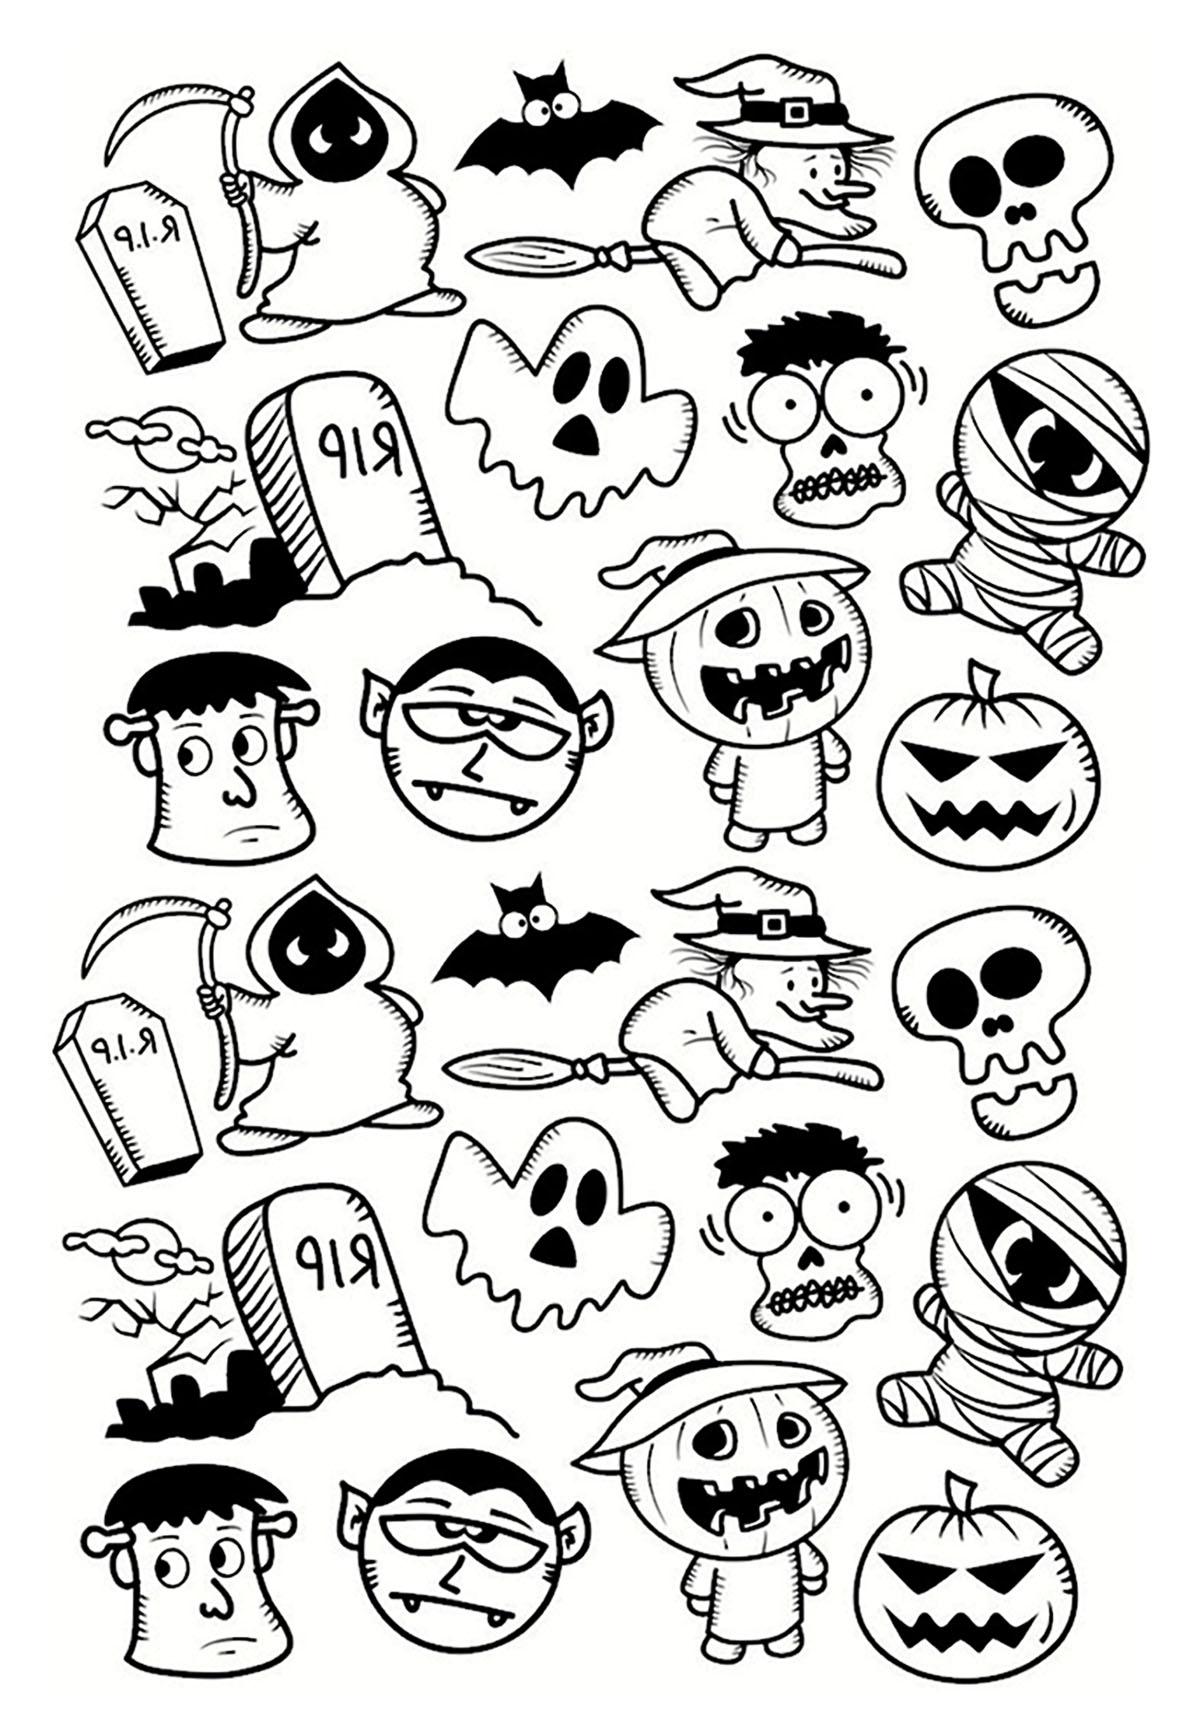 Colorear para adultos : Halloween - 13